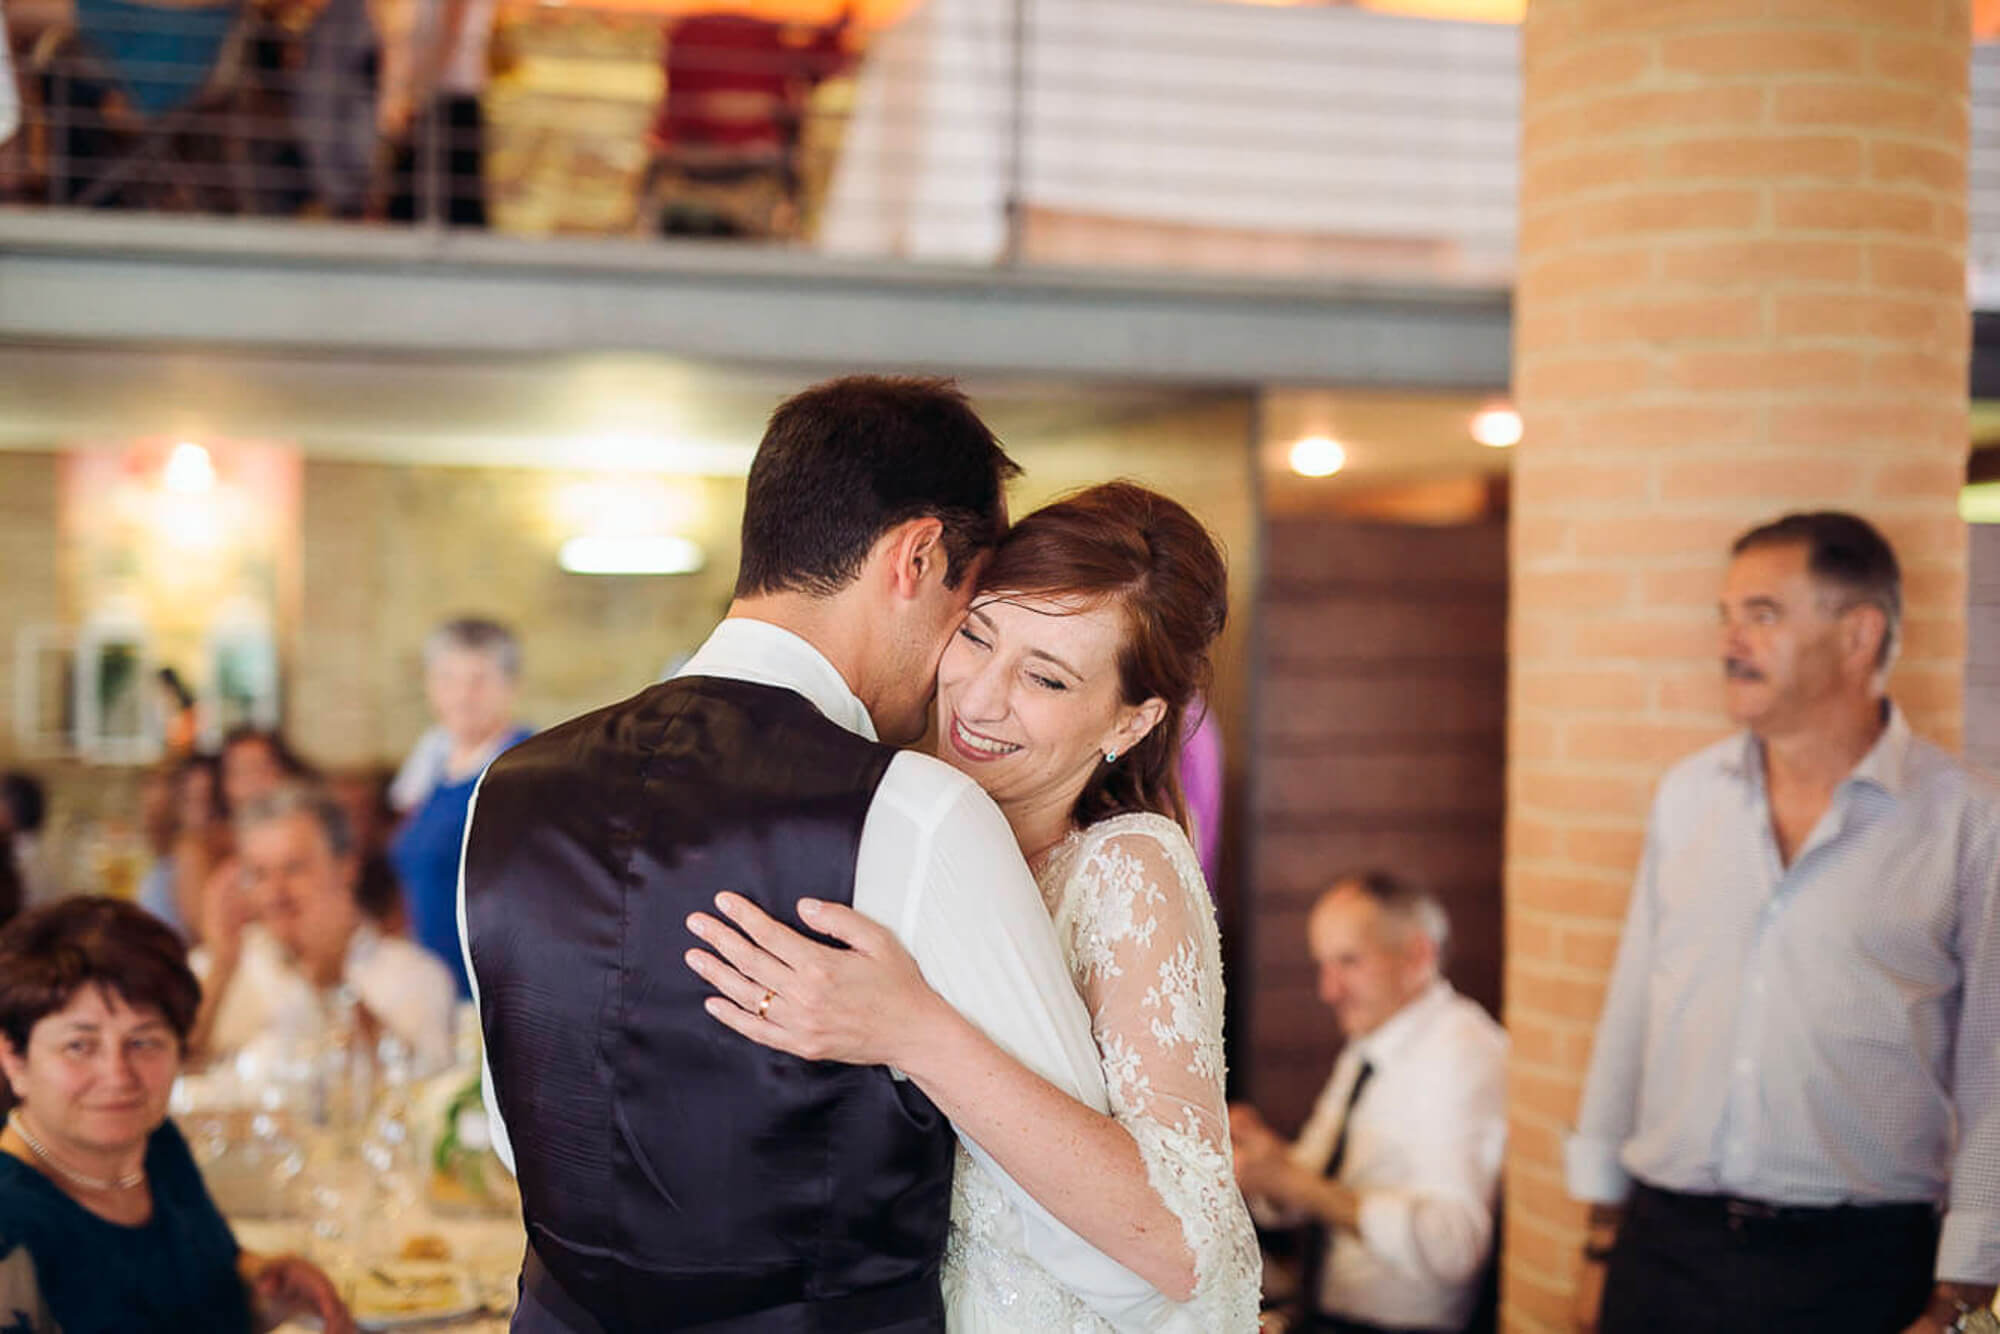 125_wedding_first dance.jpg